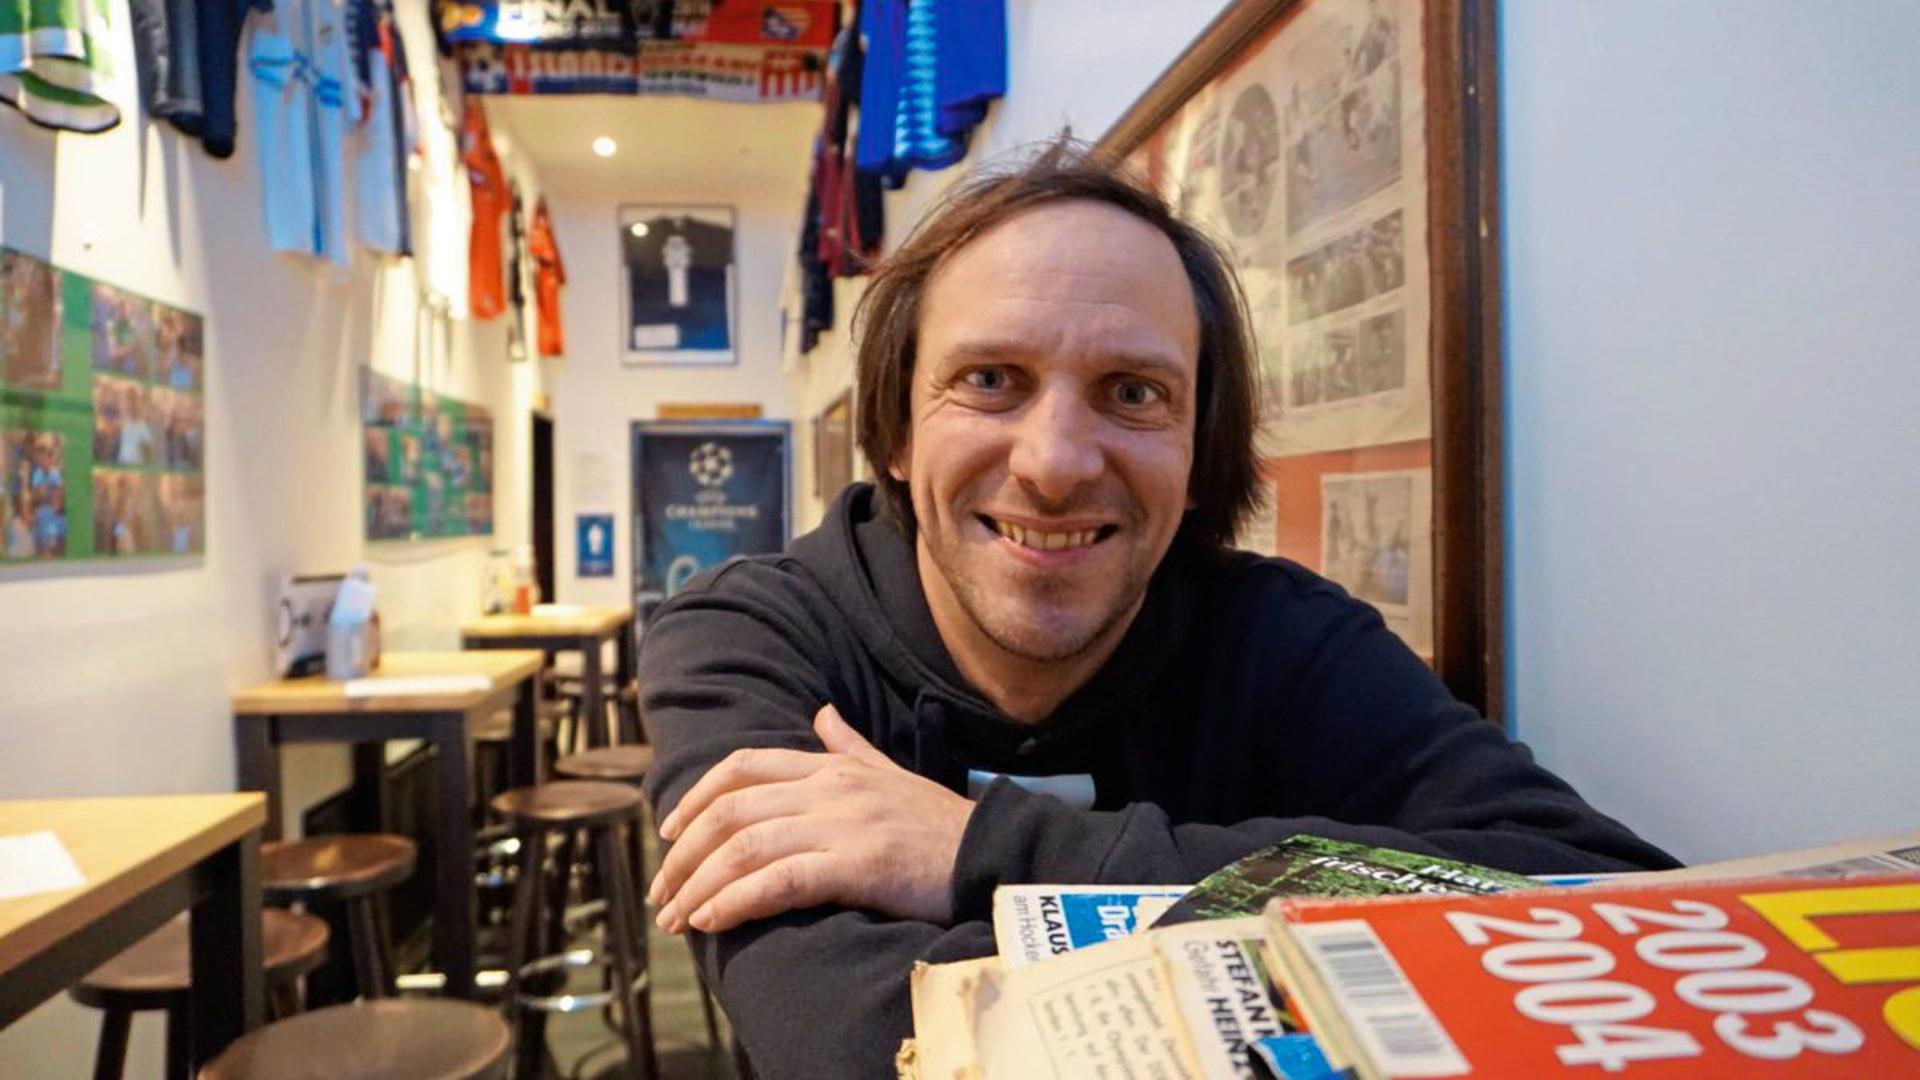 """Ein Karlsruher in München: Holger Britzius war früher Journalist und ist jetzt Wirt der Münchner Fußballkneipe """"Stadion an der Schleißheimerstraße""""."""